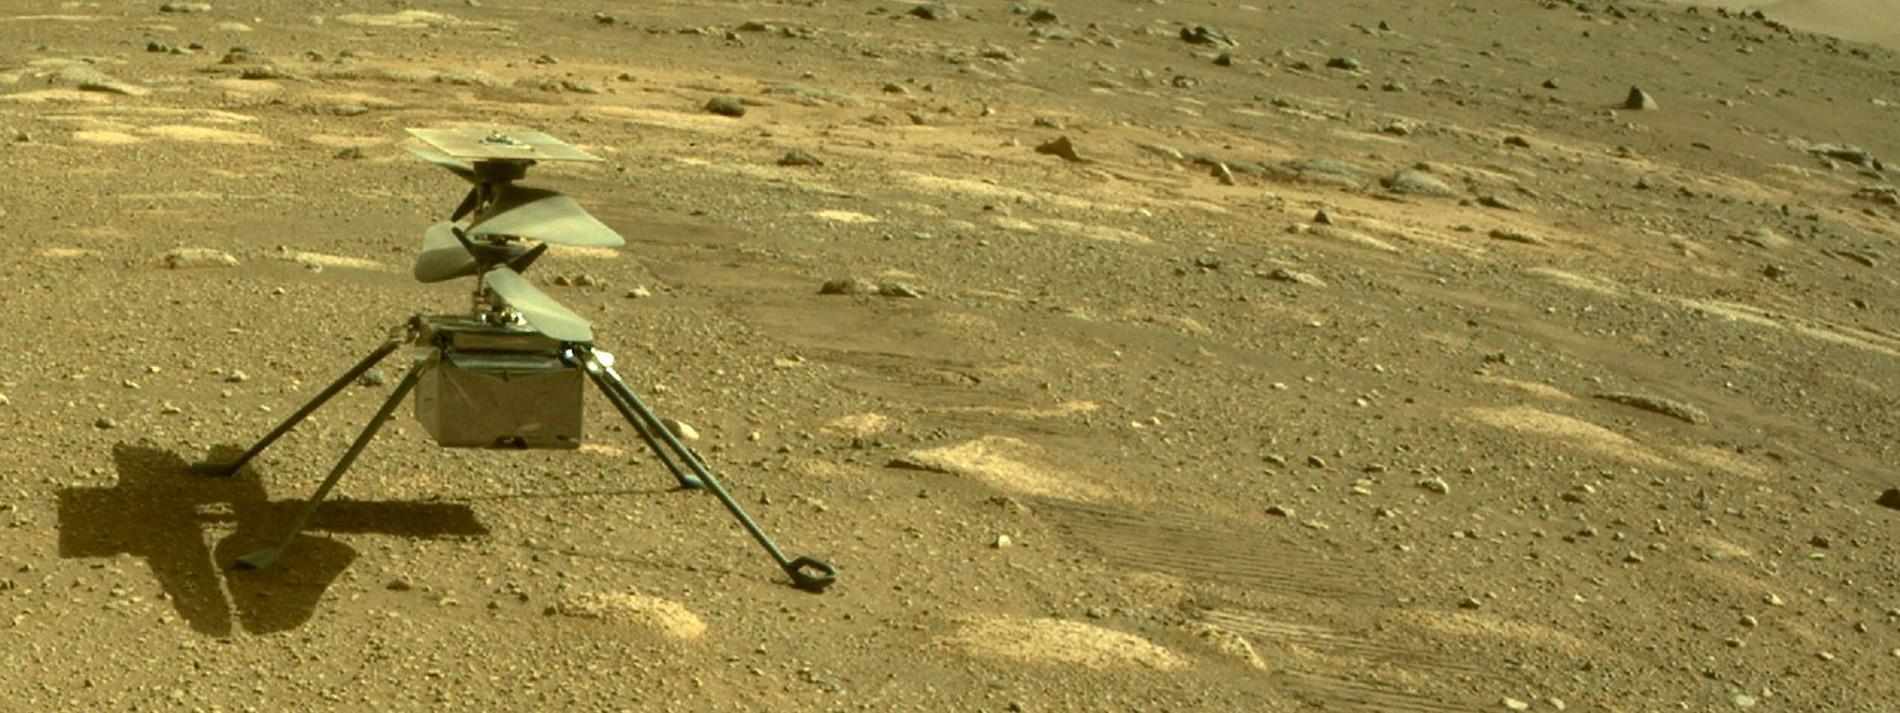 Erster Hubschrauberflug über Mars verschoben